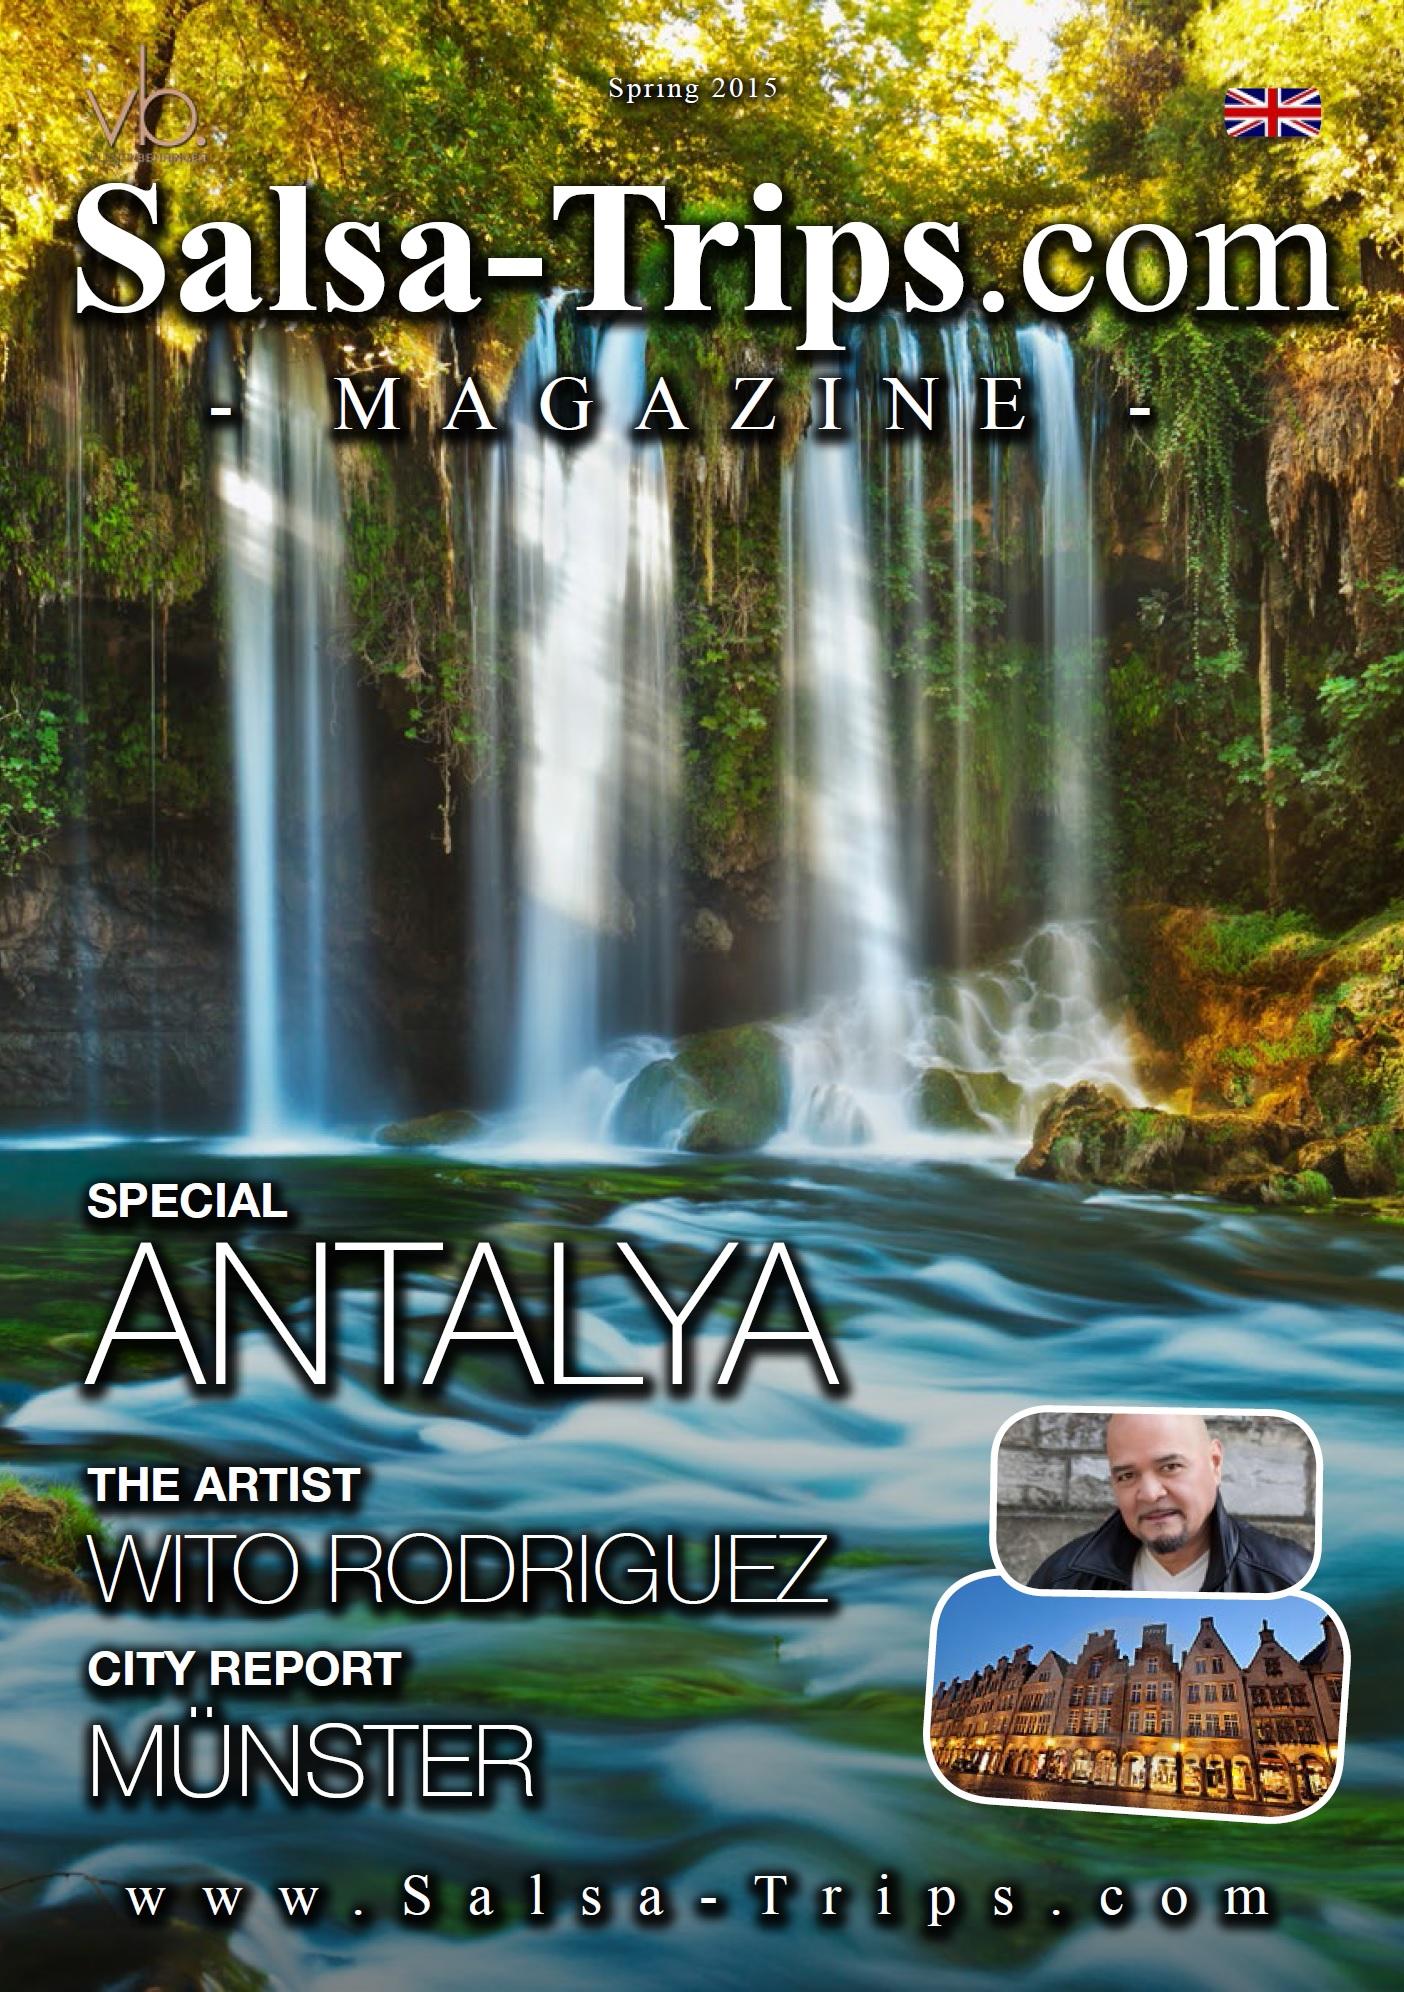 Salsa-Trips.com Magazine Spring 2015